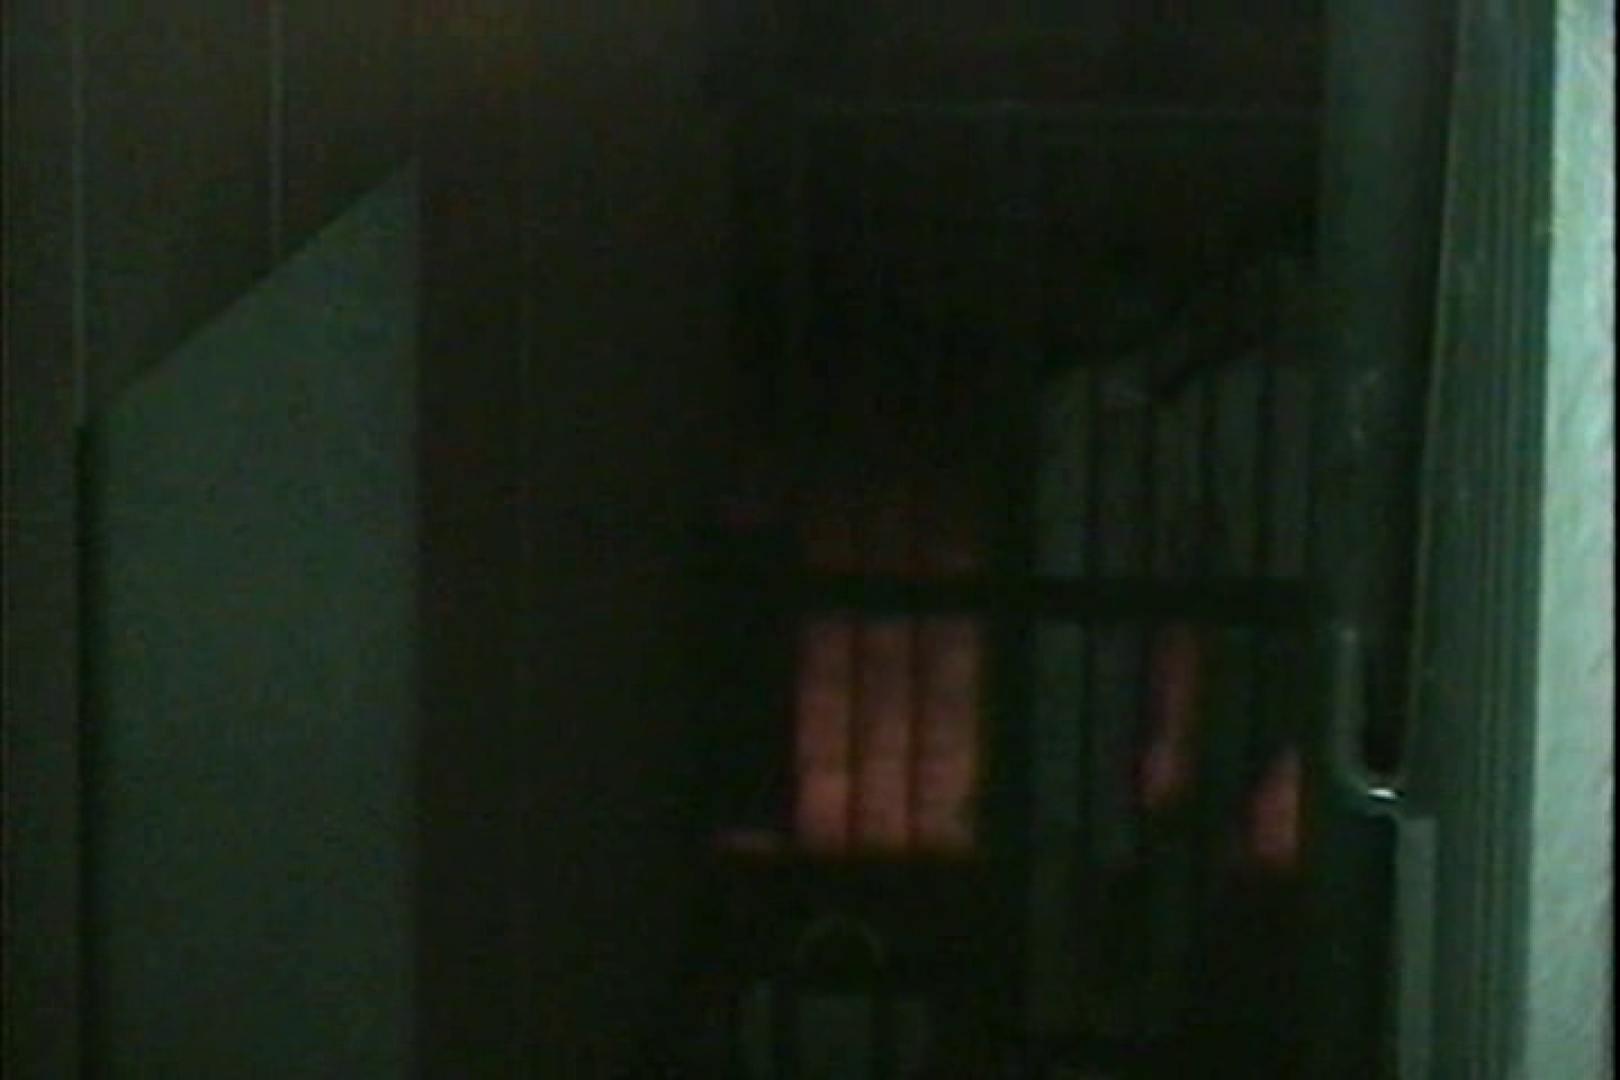 闇の仕掛け人 無修正版 Vol.19 フリーハンド  106pic 69